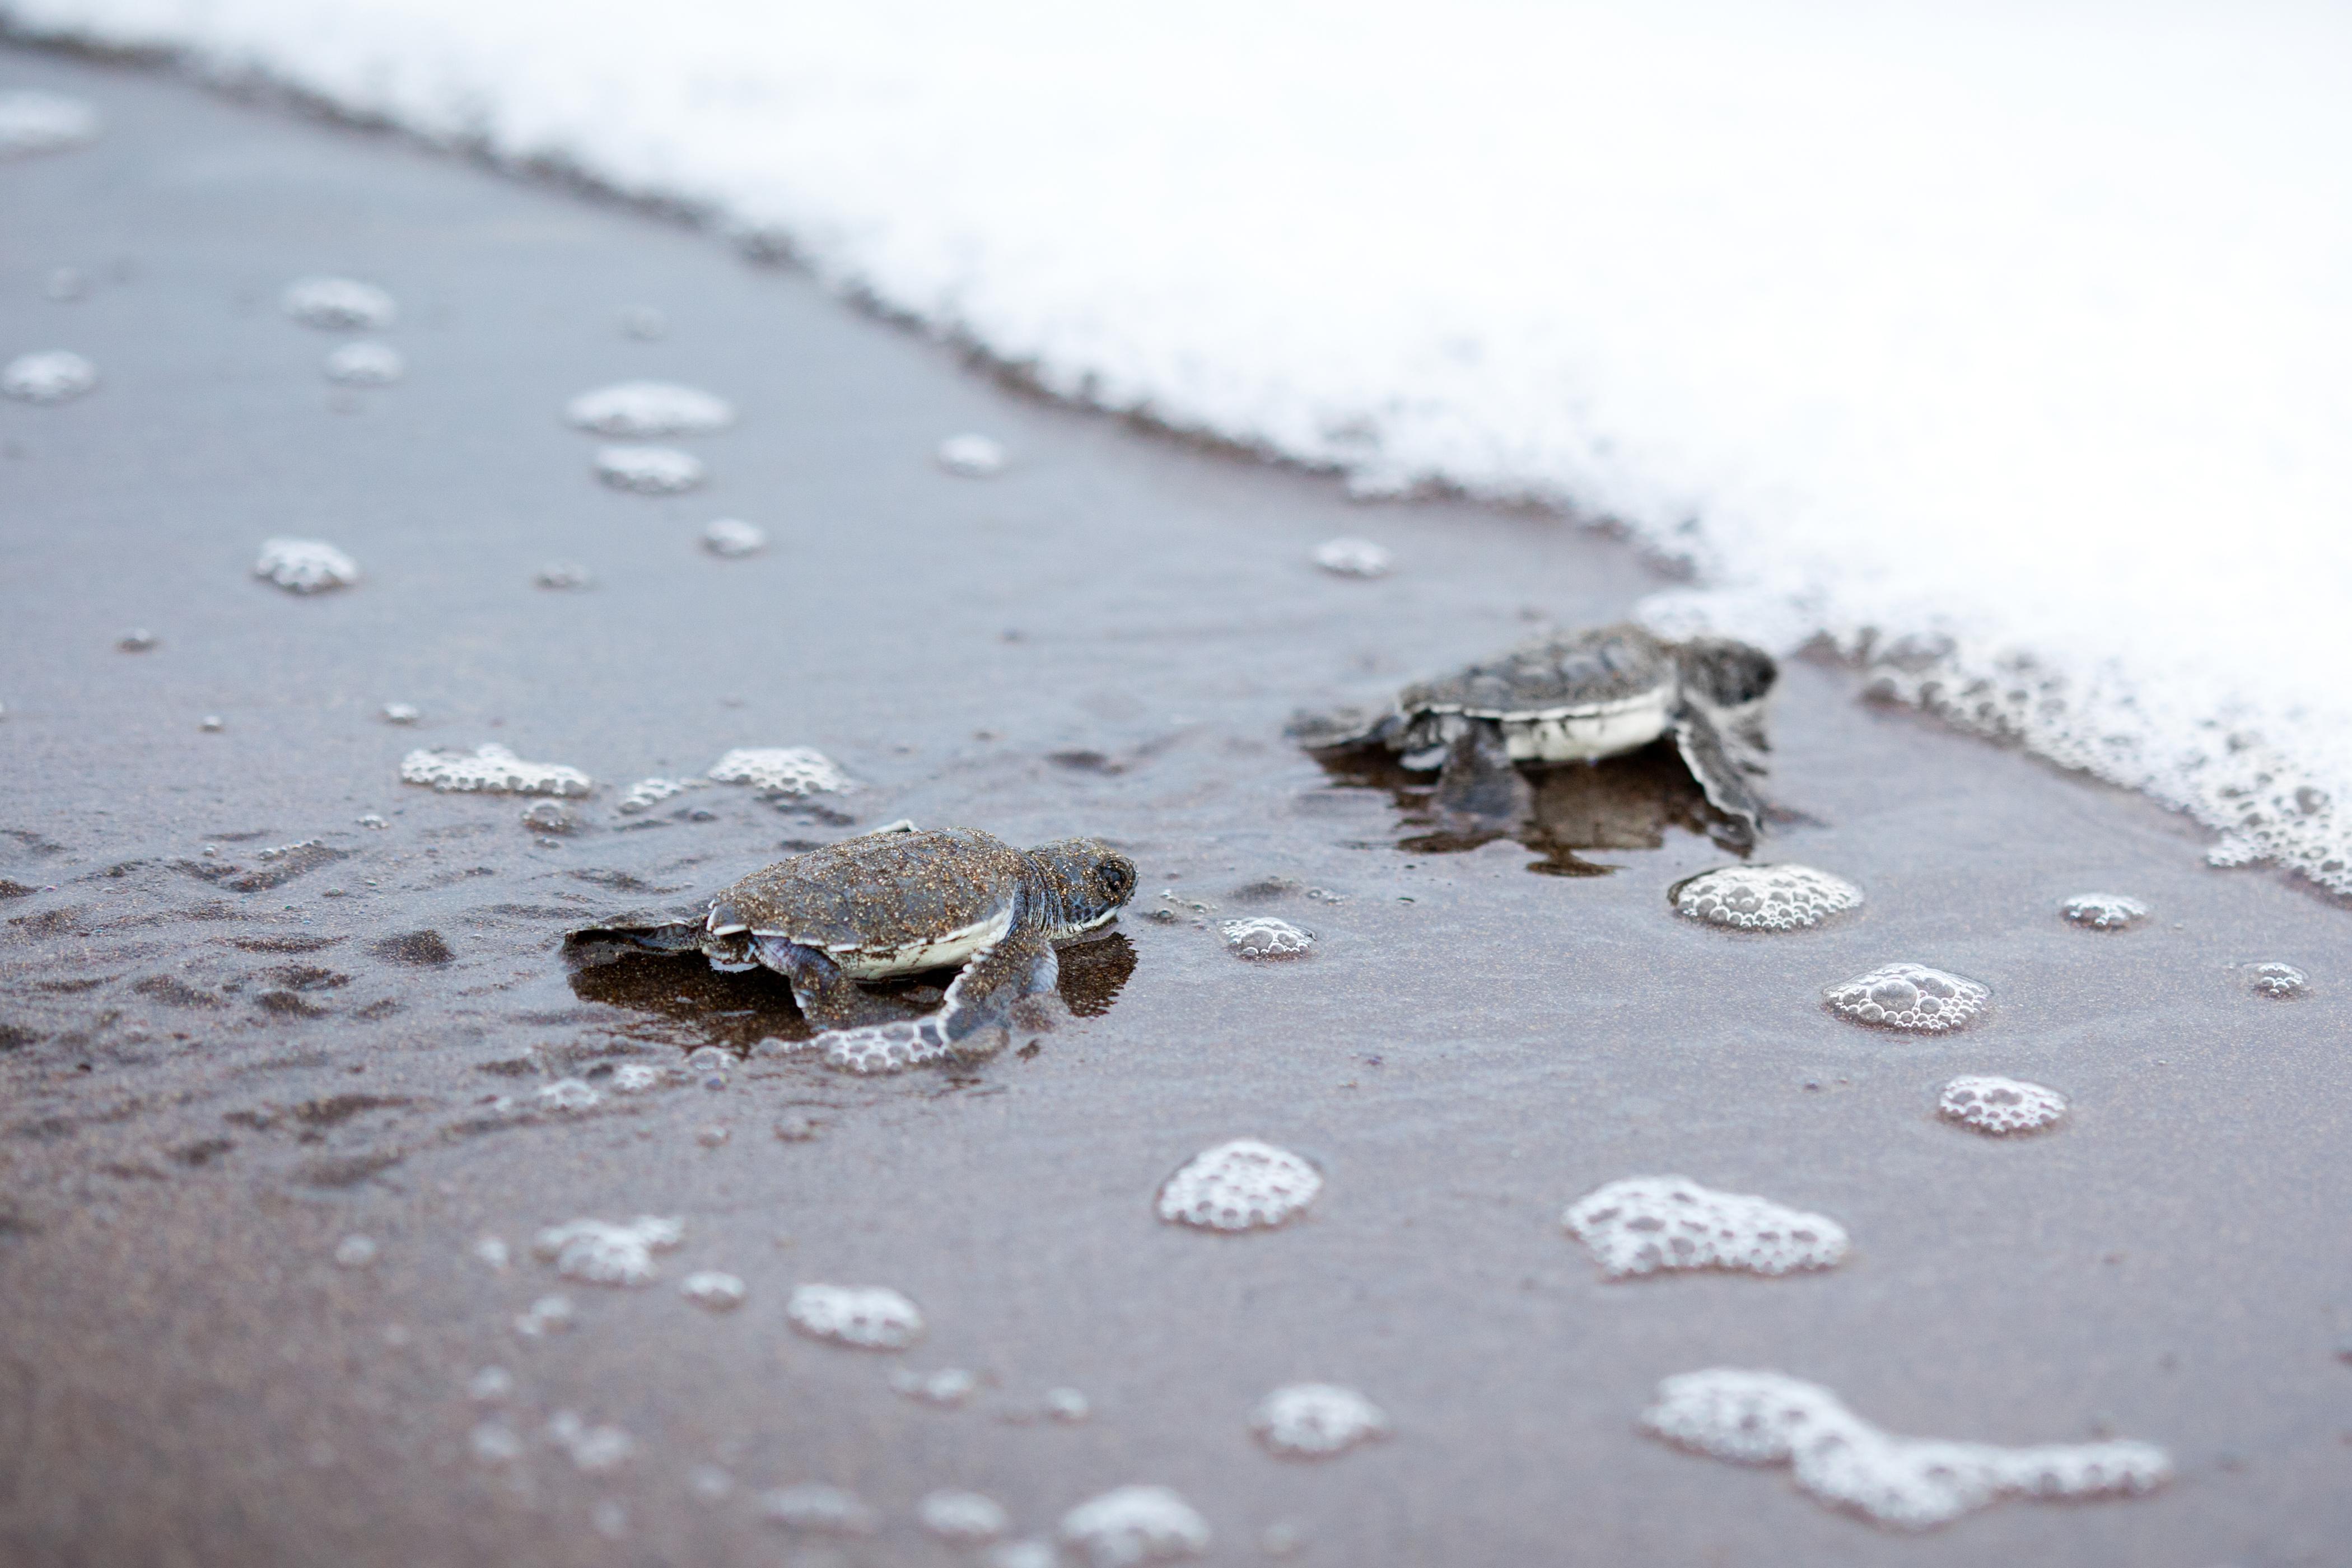 Disfruta del espectáculo de las tortugas - Costa Rica Gran Viaje Tortuguero, Arenal y Monteverde